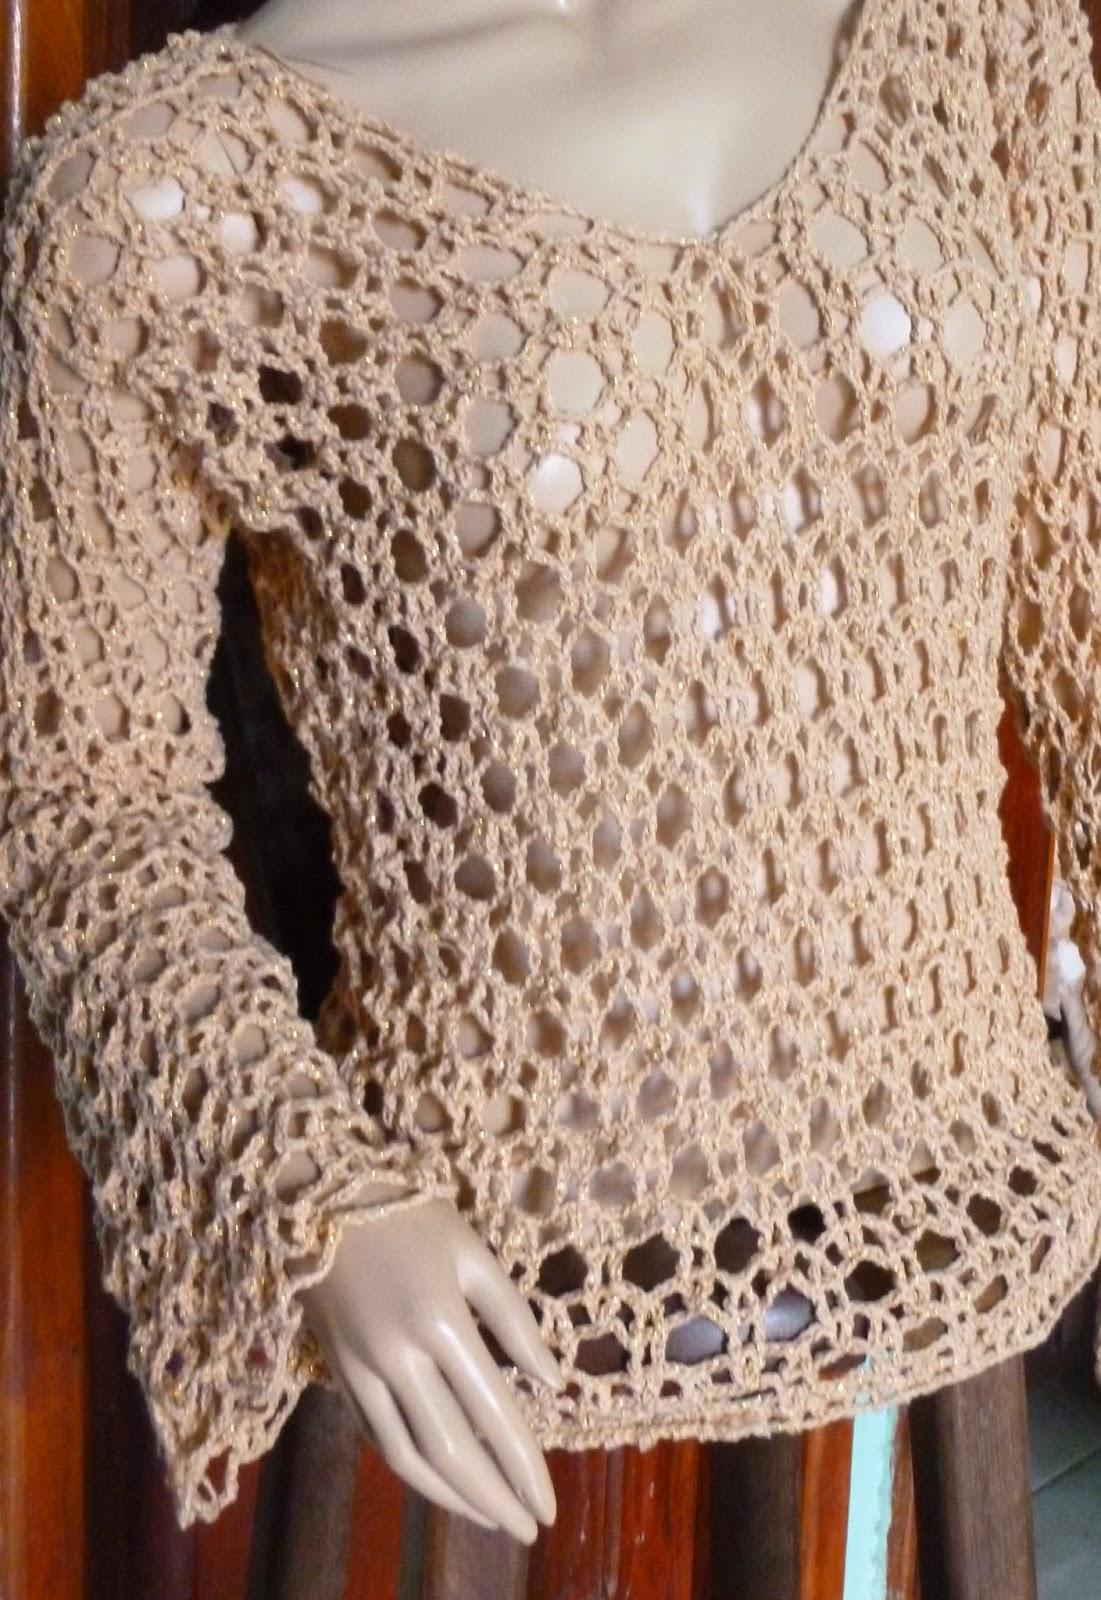 Excepcional Blusa de Crochê Manga comprida. | Crochê em Roupas e Acessórios FE79